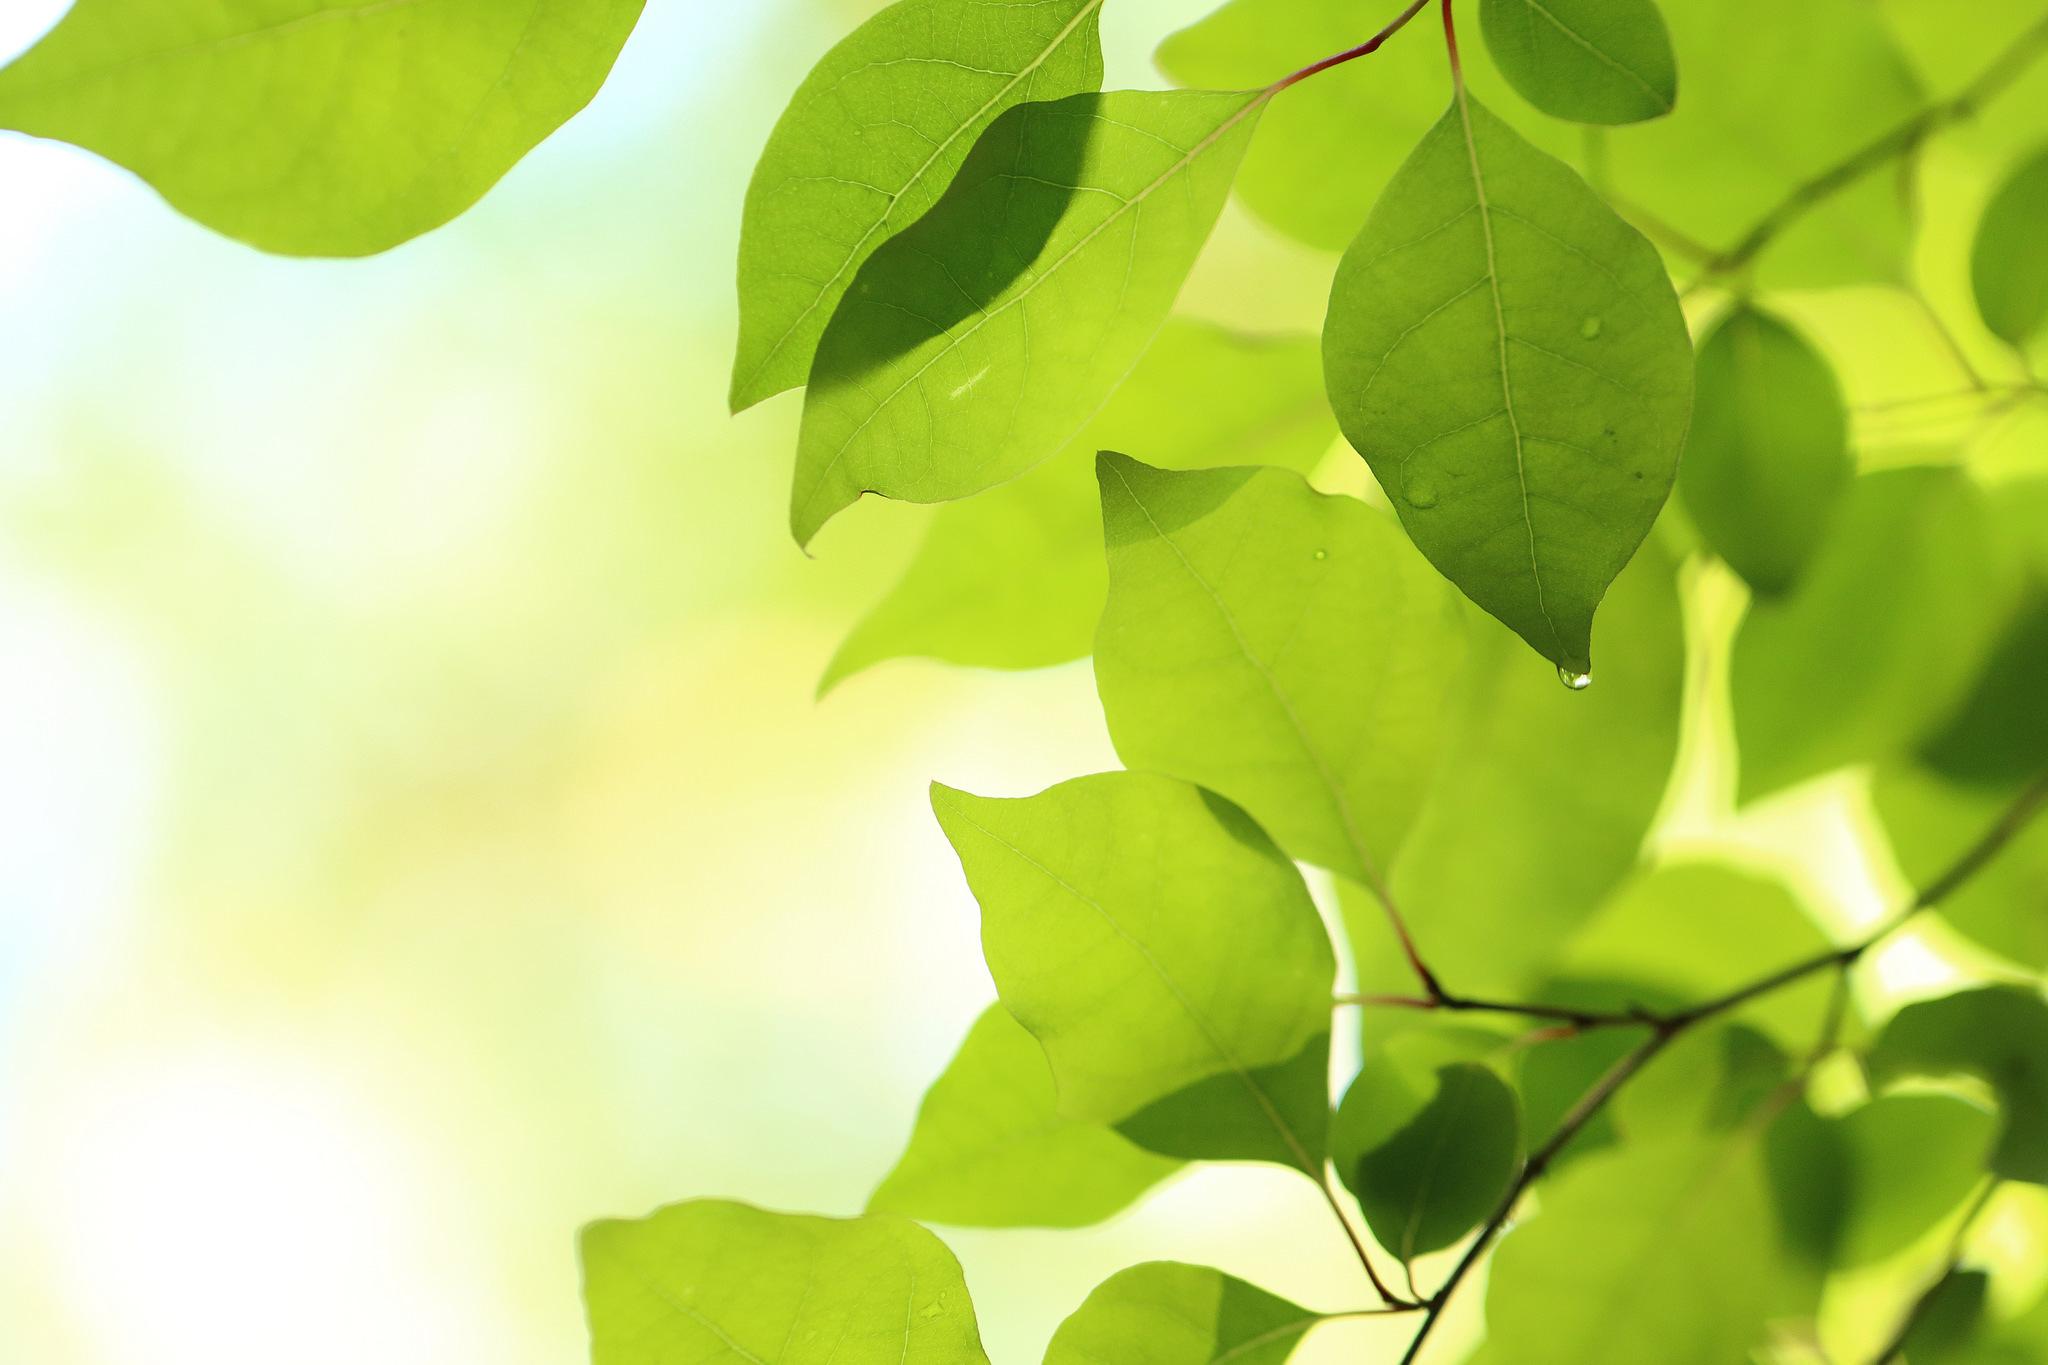 природа лист зеленый фон осень ветка скачать